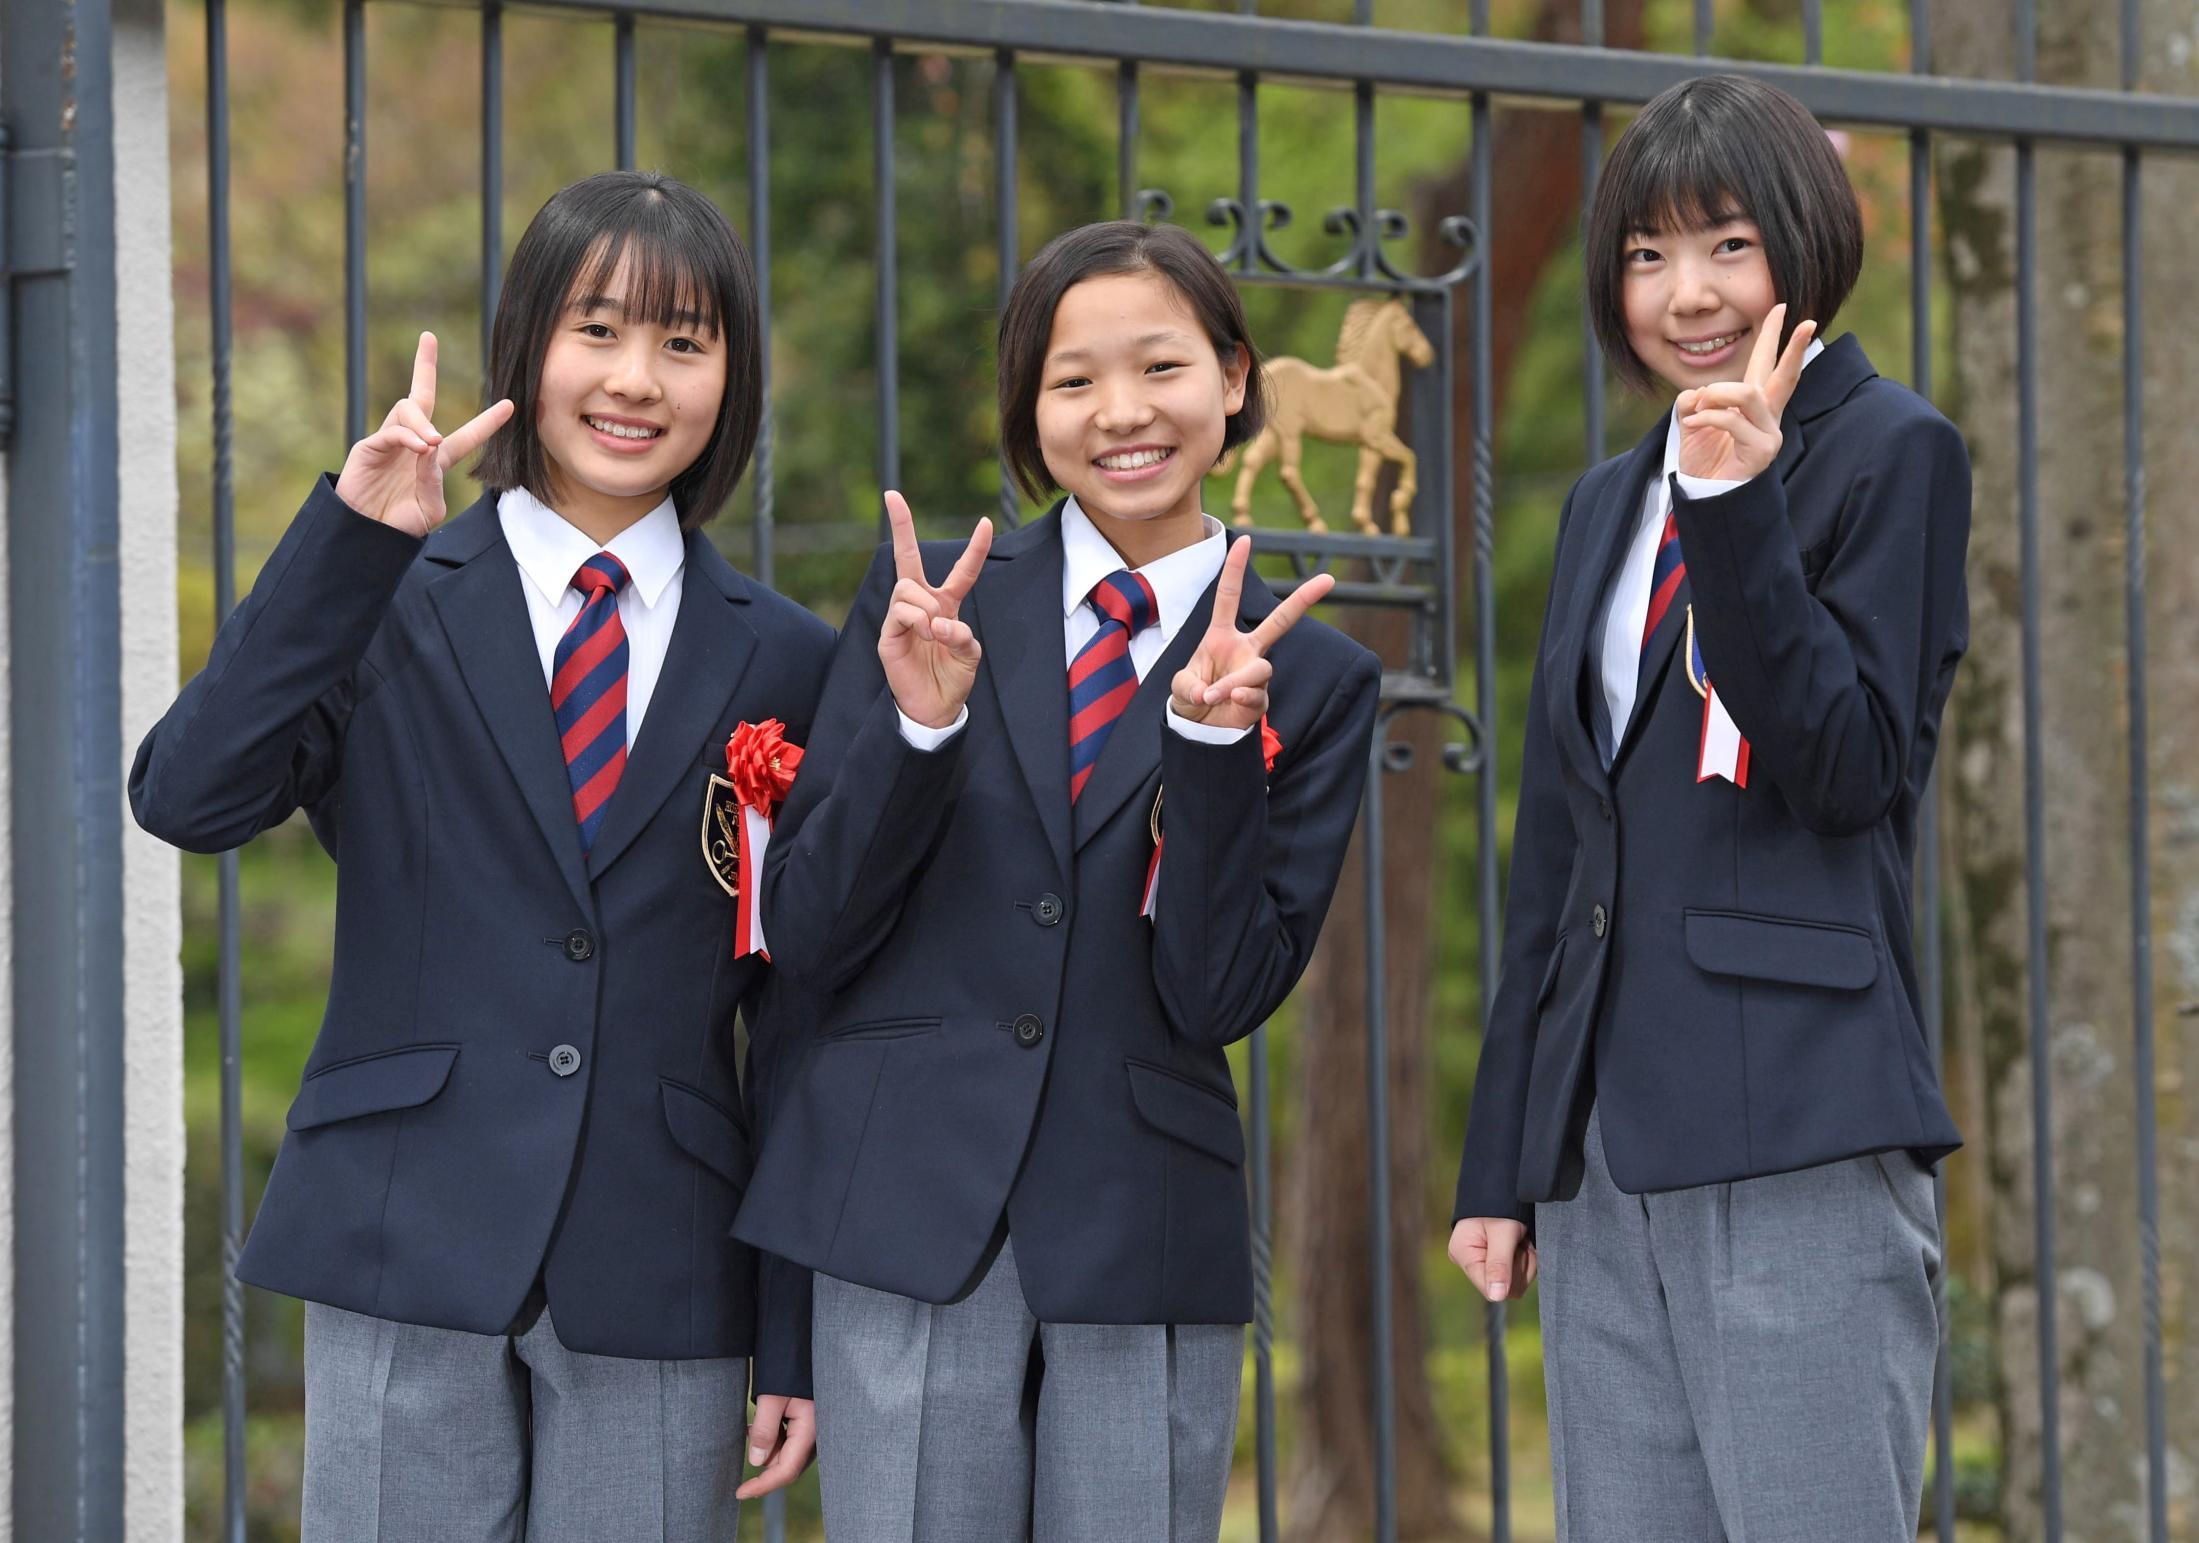 入学式で笑顔をみせる騎手課程39期生の(左から)大江原比呂、小林美駒、河原田菜々(撮影・三好信也)